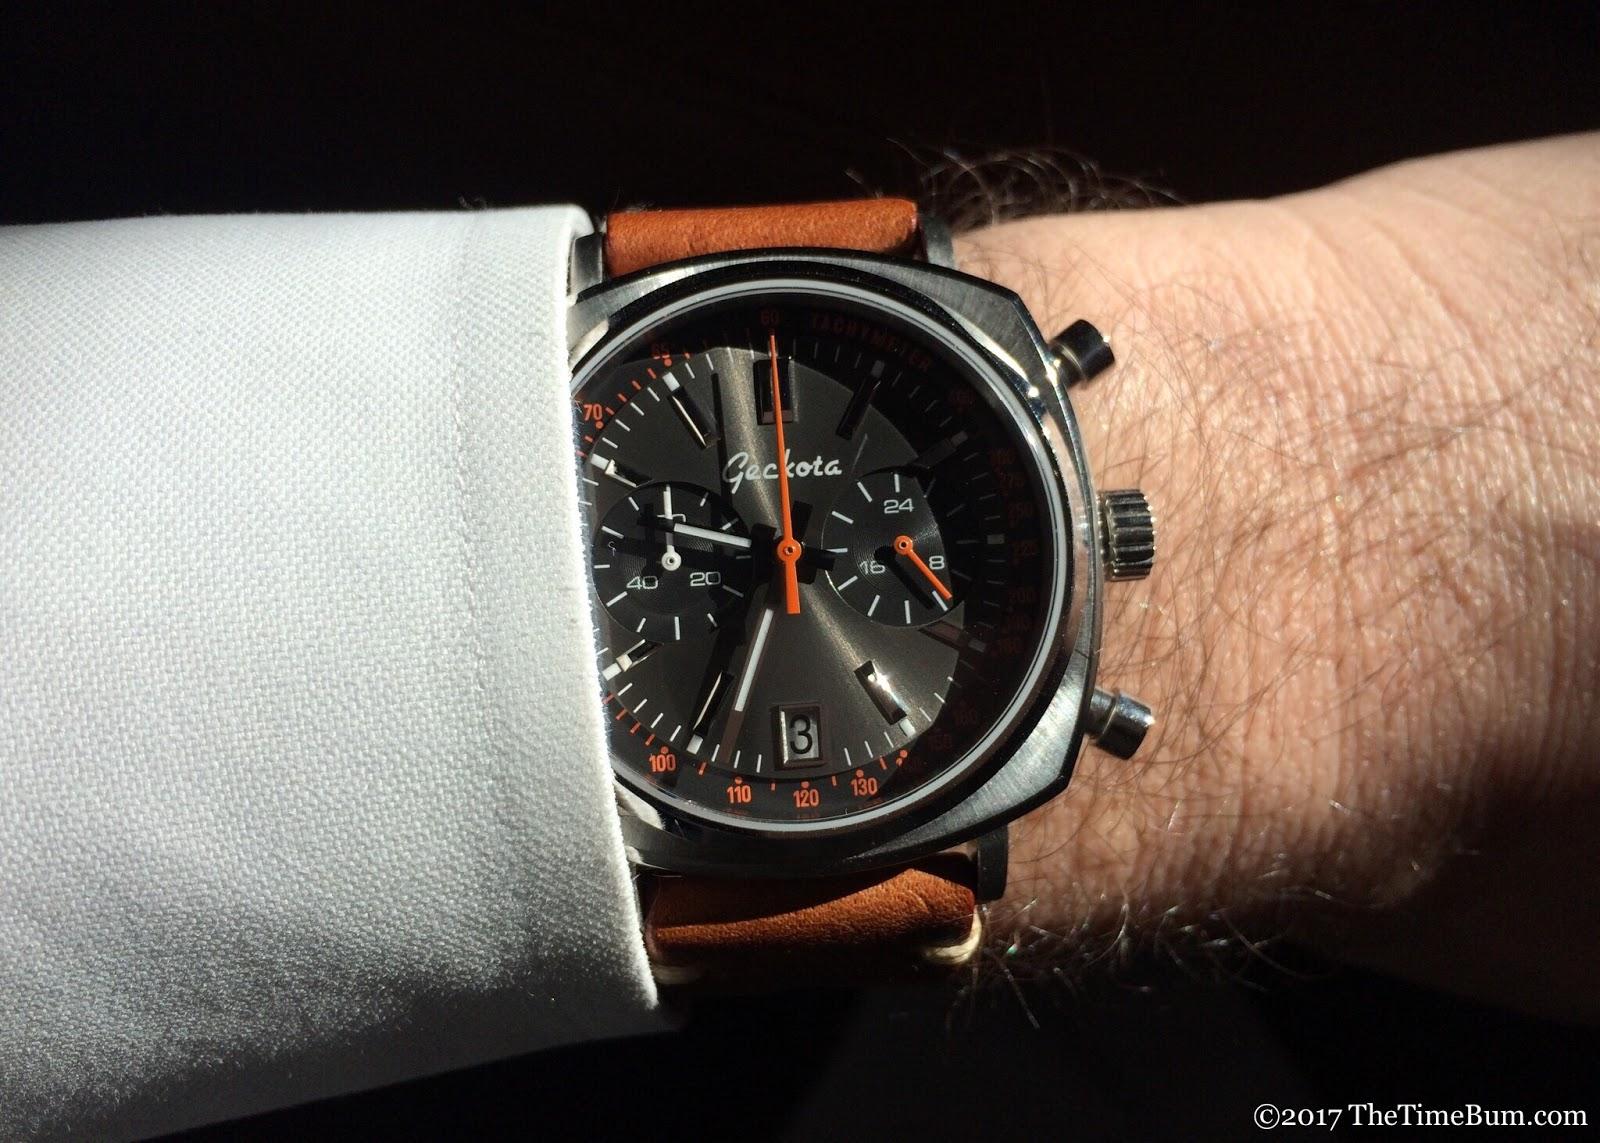 Geckota C-1 wrist